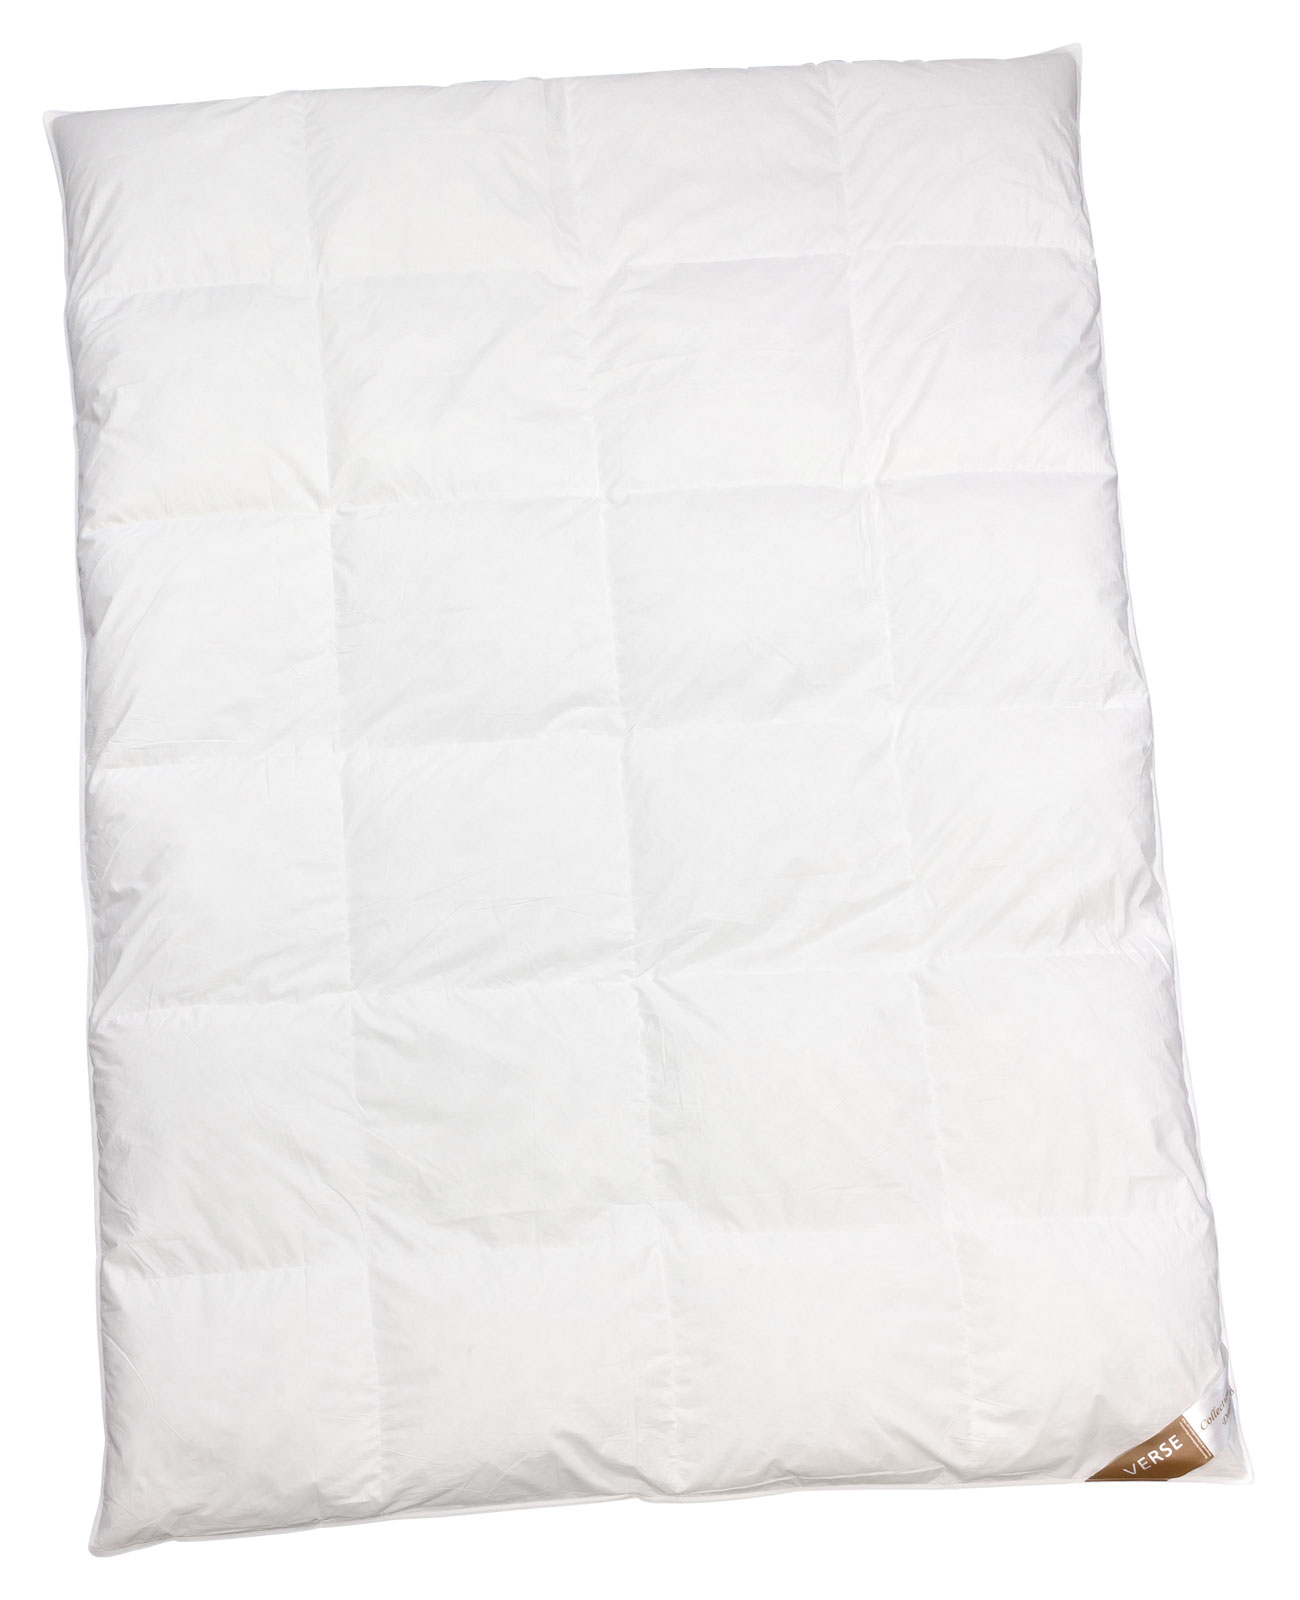 Bettdecken und Kopfkissen - Ganzjahresdecke leicht Daunen Bettdecke 200x220 Verse Collection Dreaming  - Onlineshop PremiumShop321